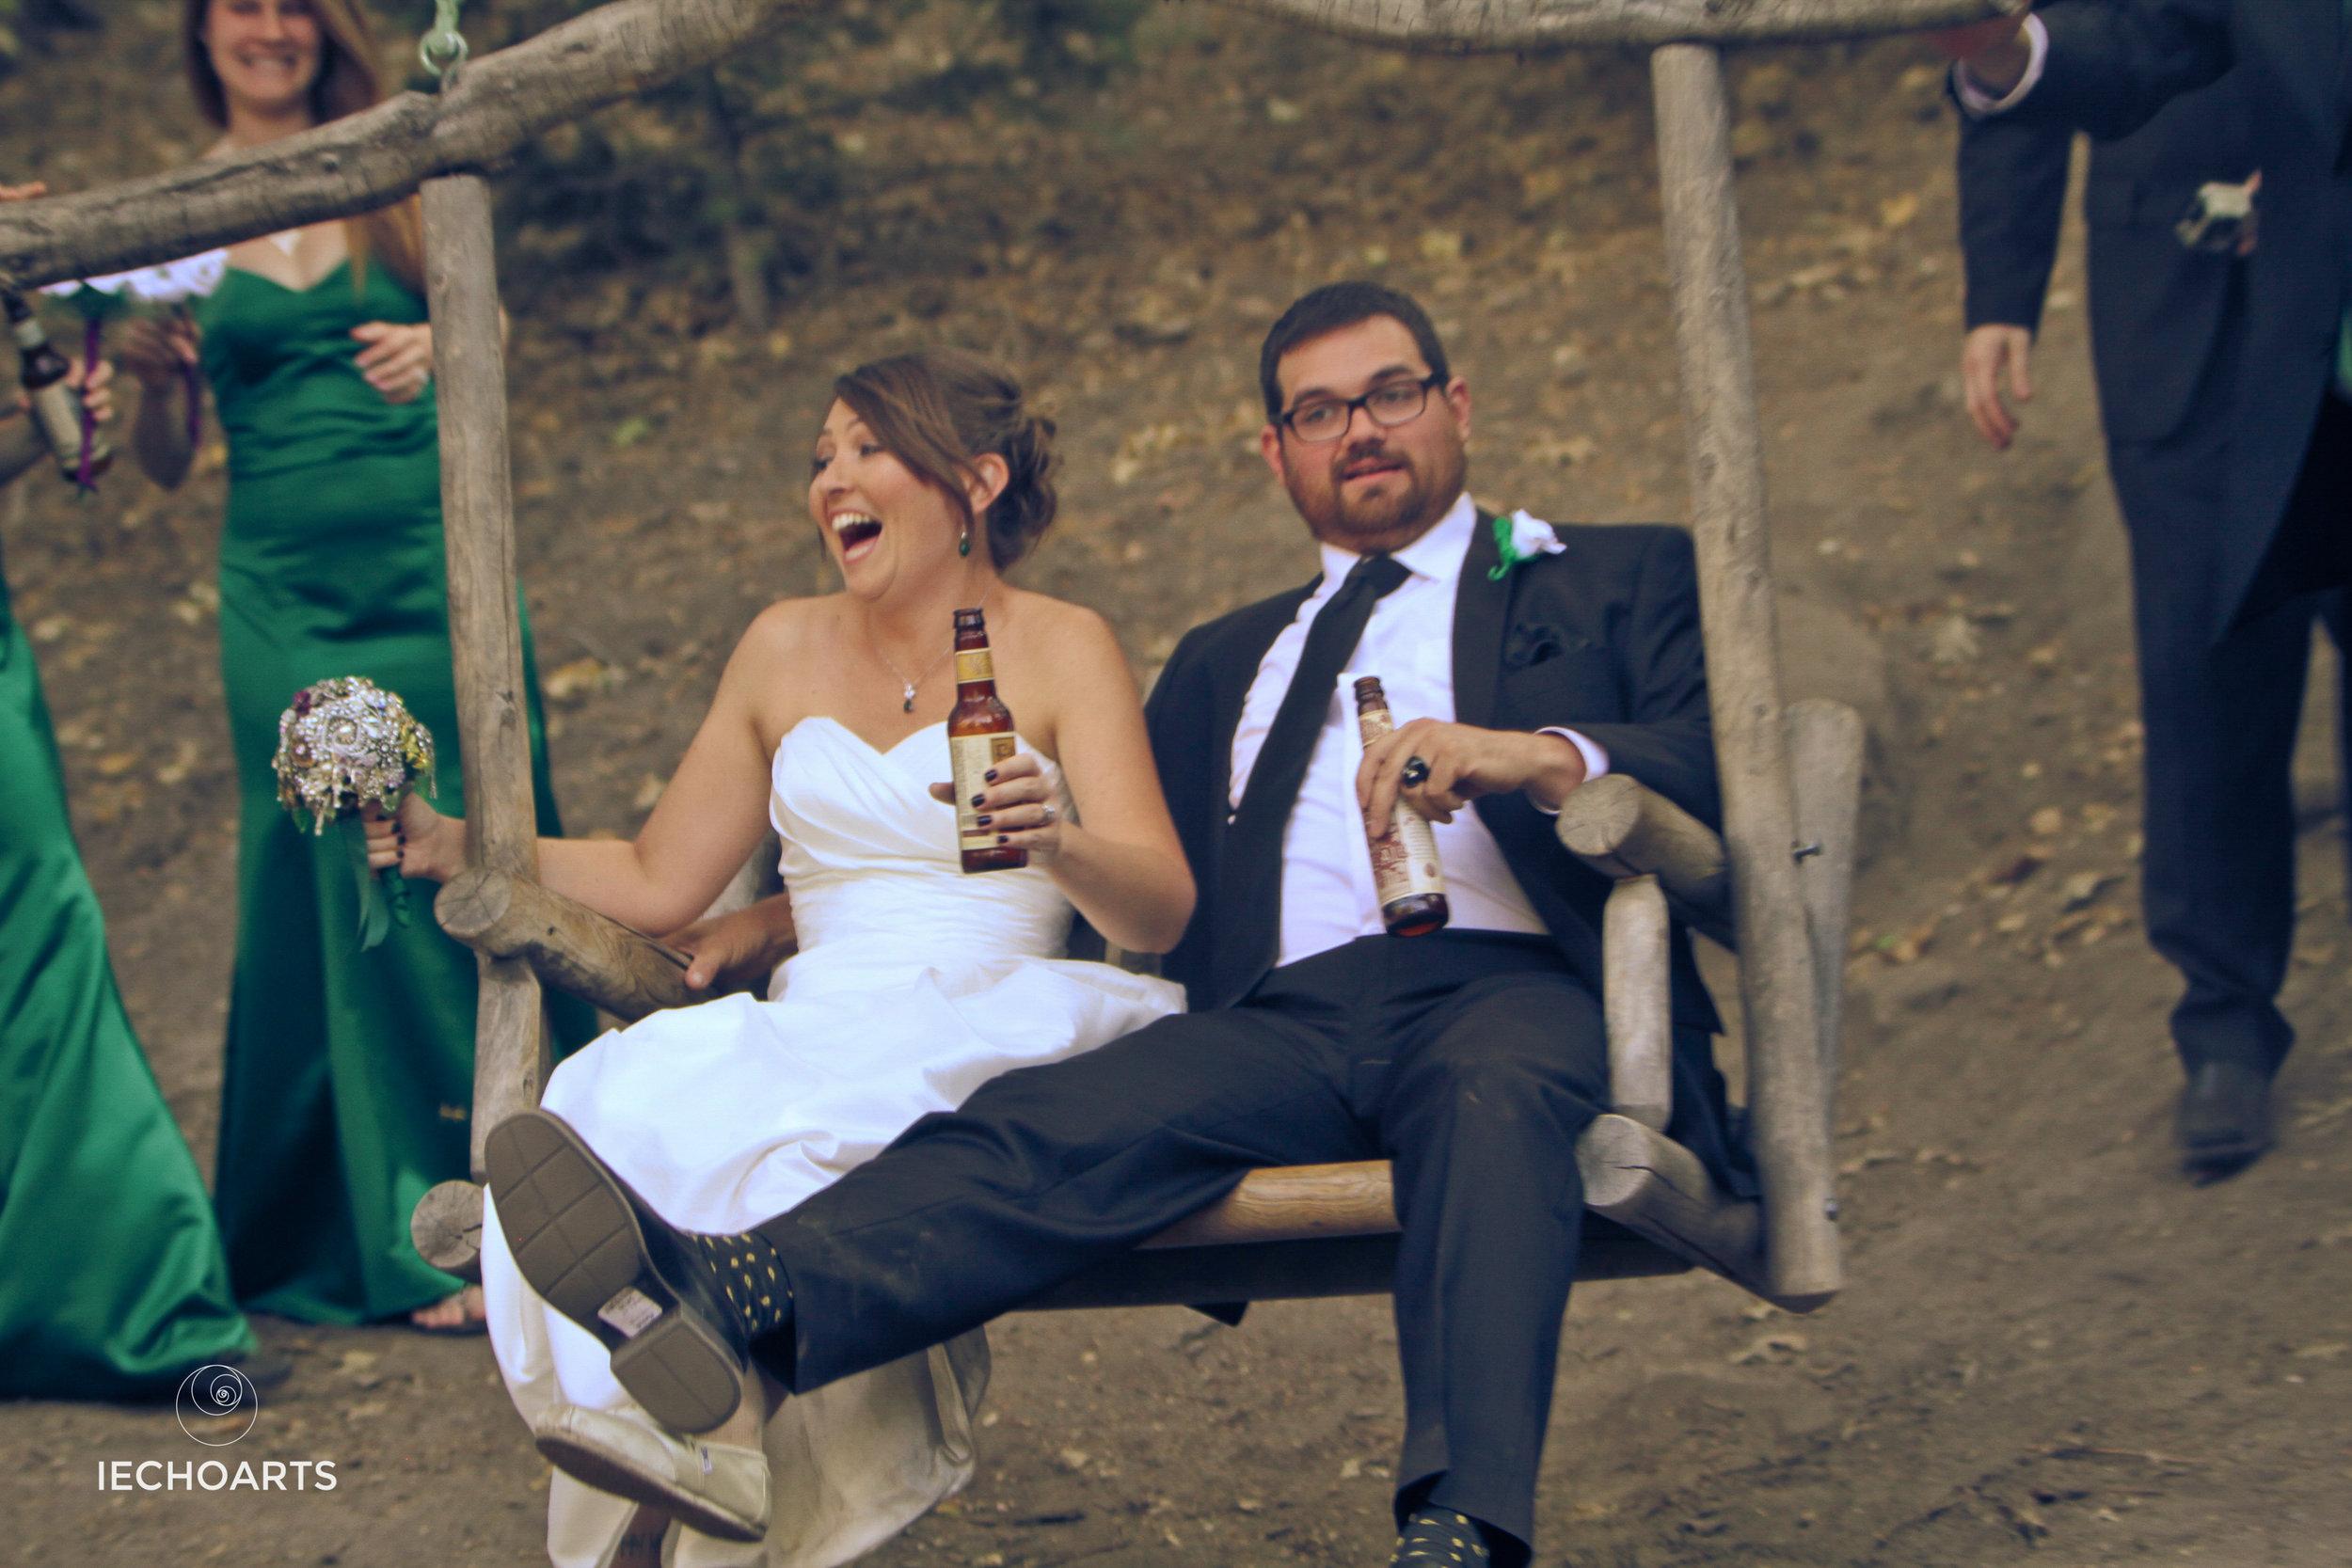 IEcho Arts wedding-31.jpg